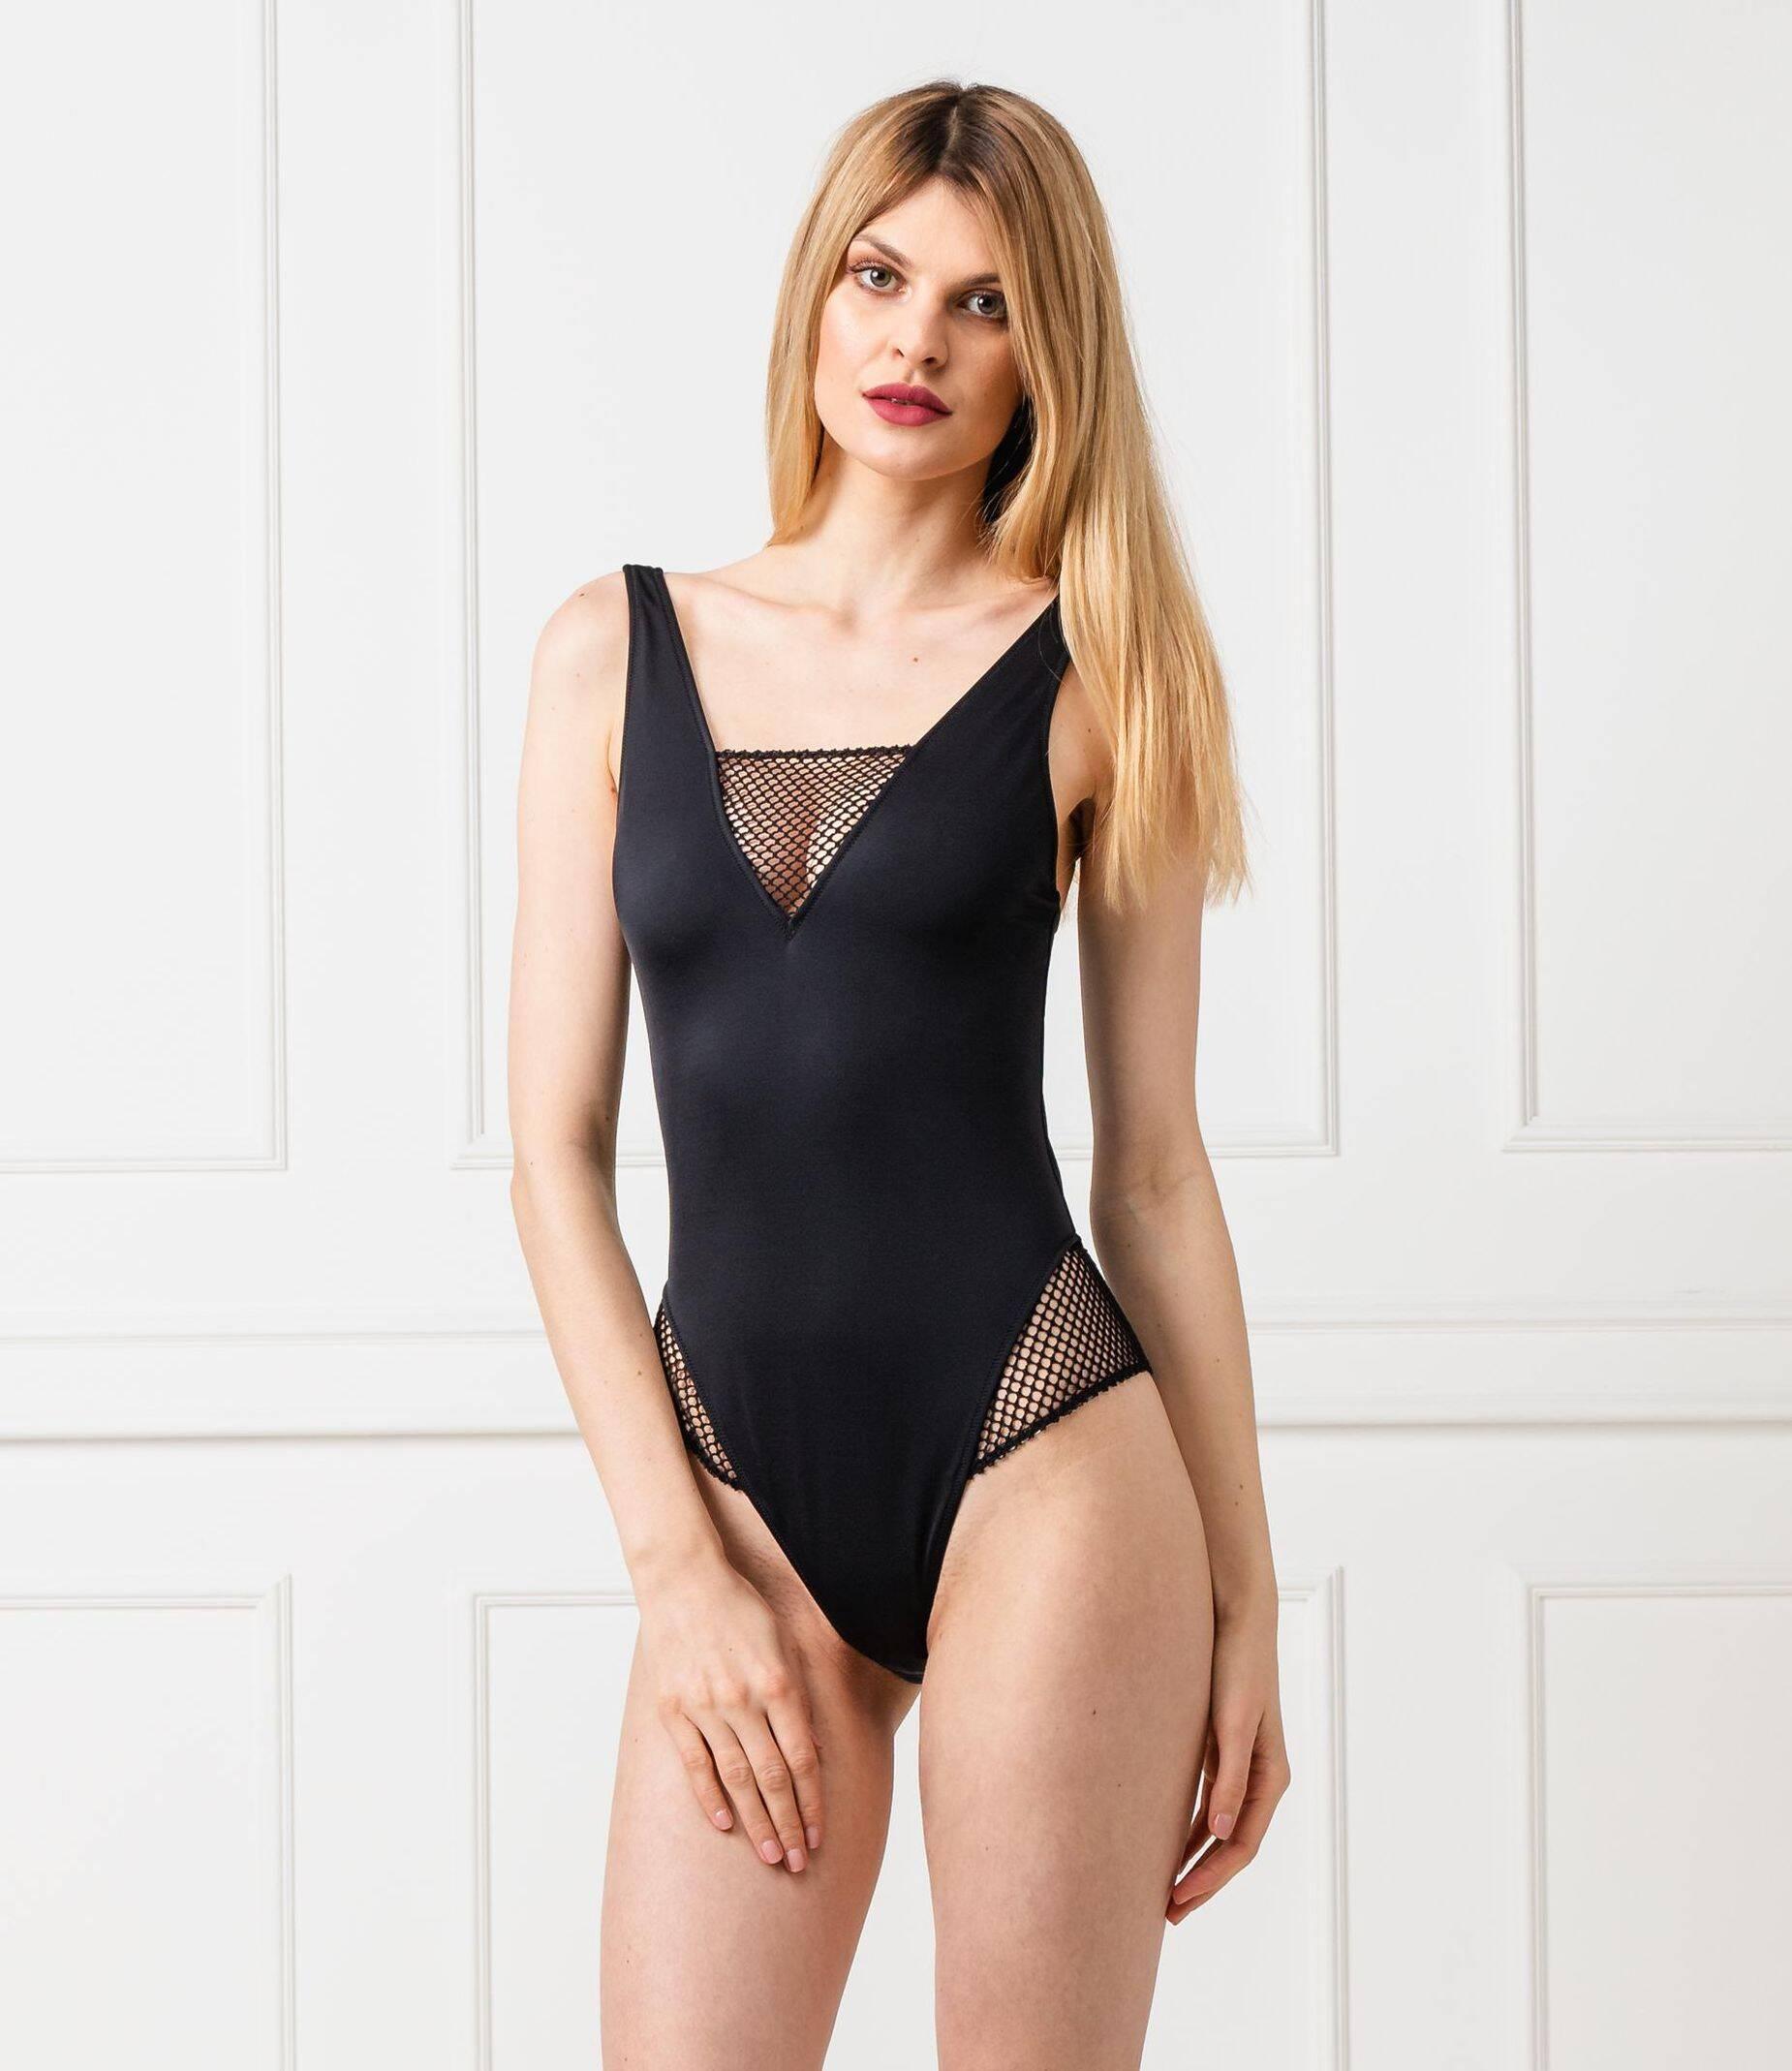 69d94c5efd8a6e Strój kąpielowy CHEEKY MESH ONE PIECE Calvin Klein Swimwear | Czarny |  Gomez.pl